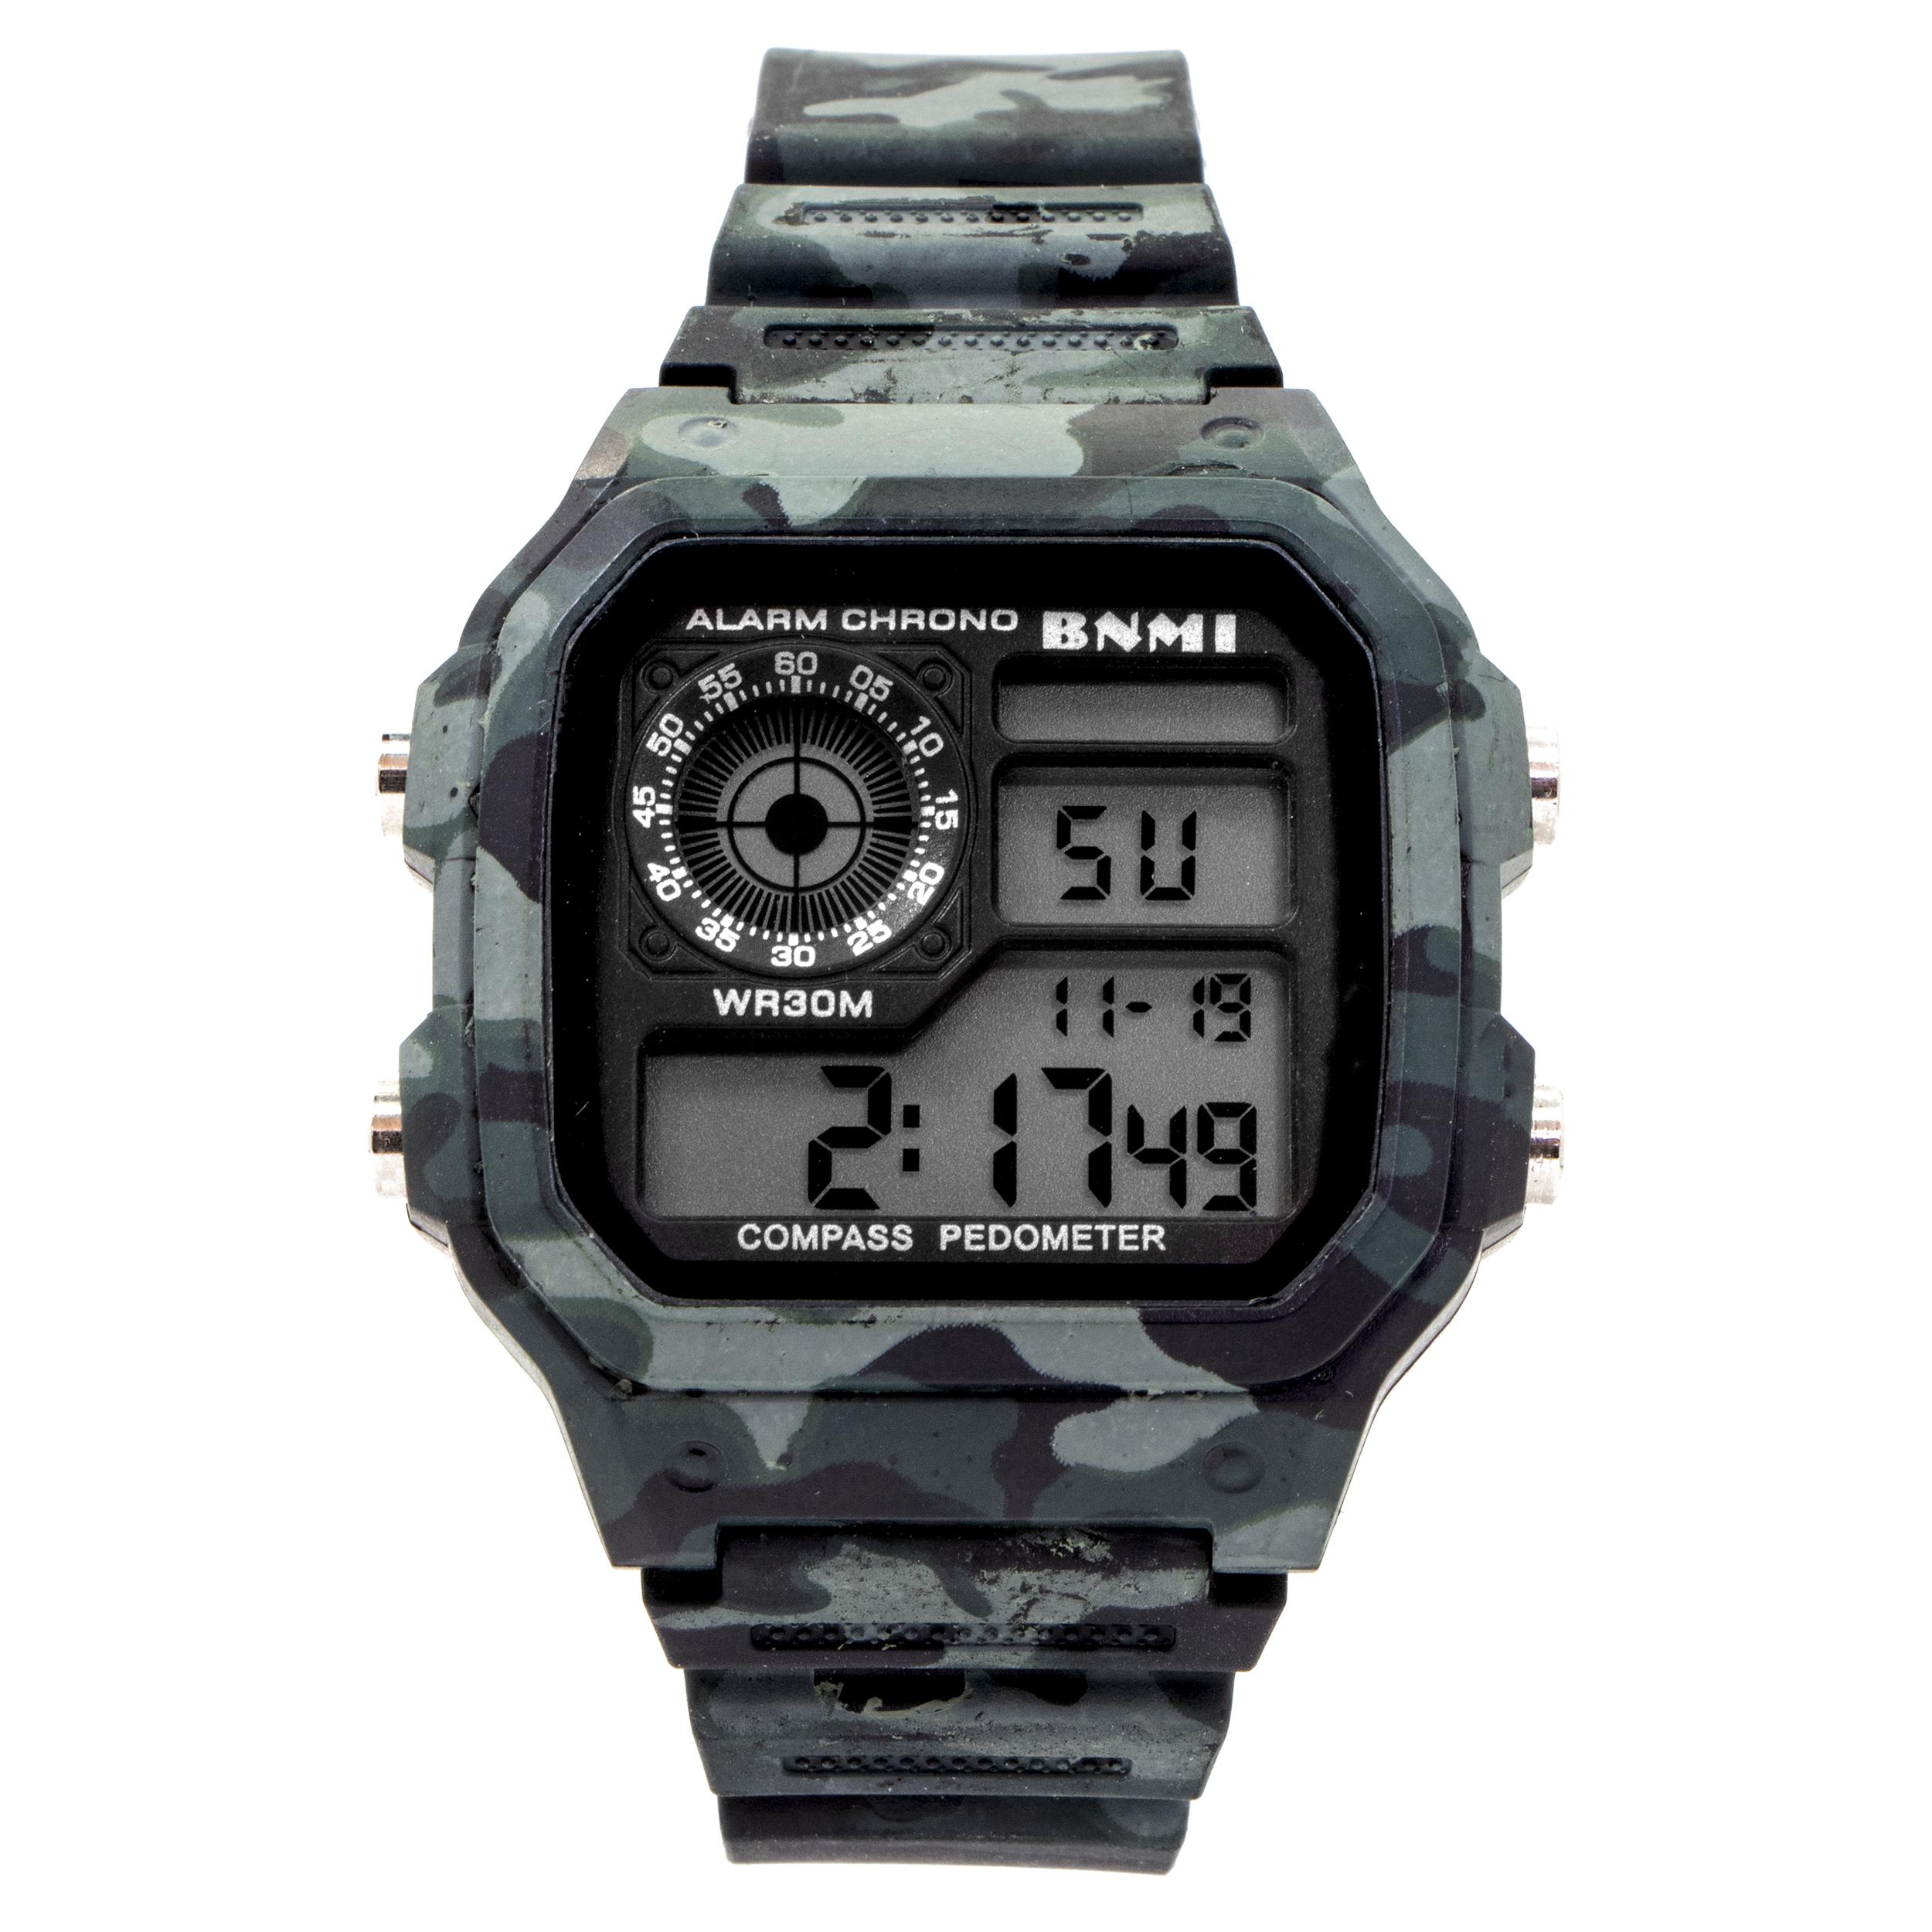 ساعت مچی دیجیتال بنمی مدل 0044014             قیمت